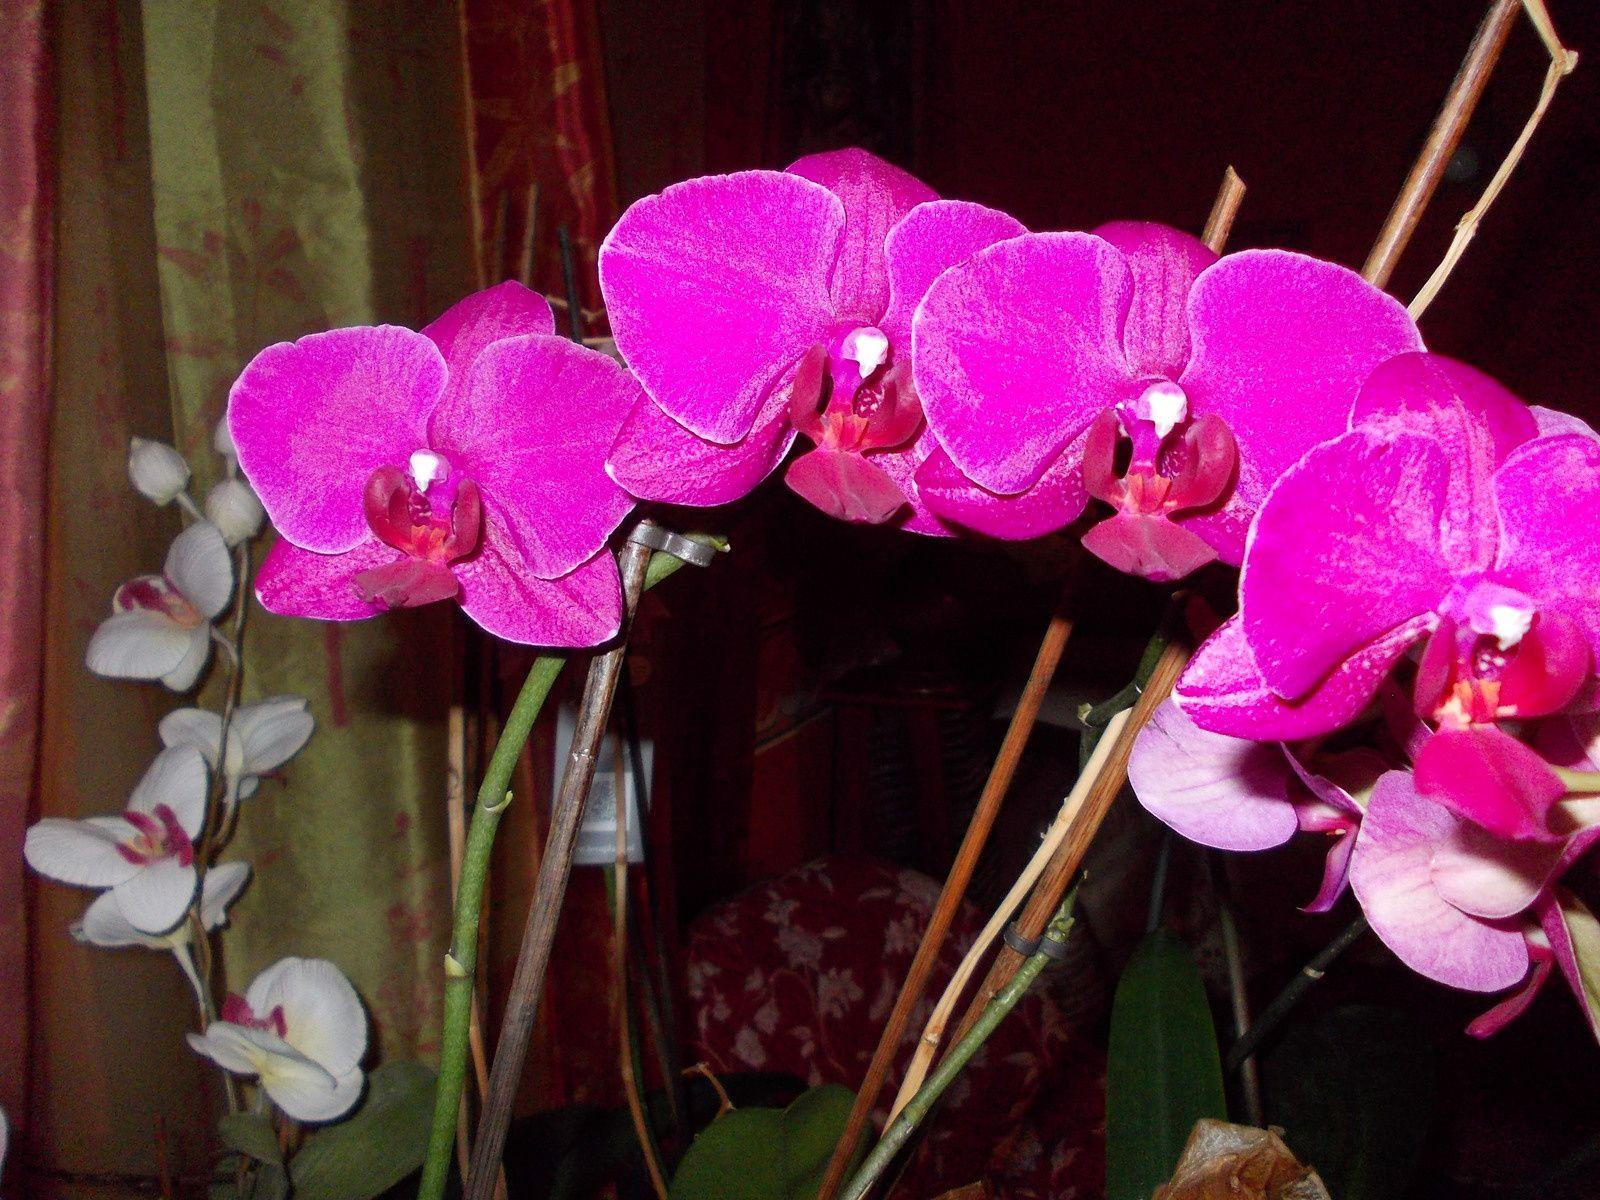 Orchidée offerte par mon amie Nadette en Août 2013, toujours fleurie depuis